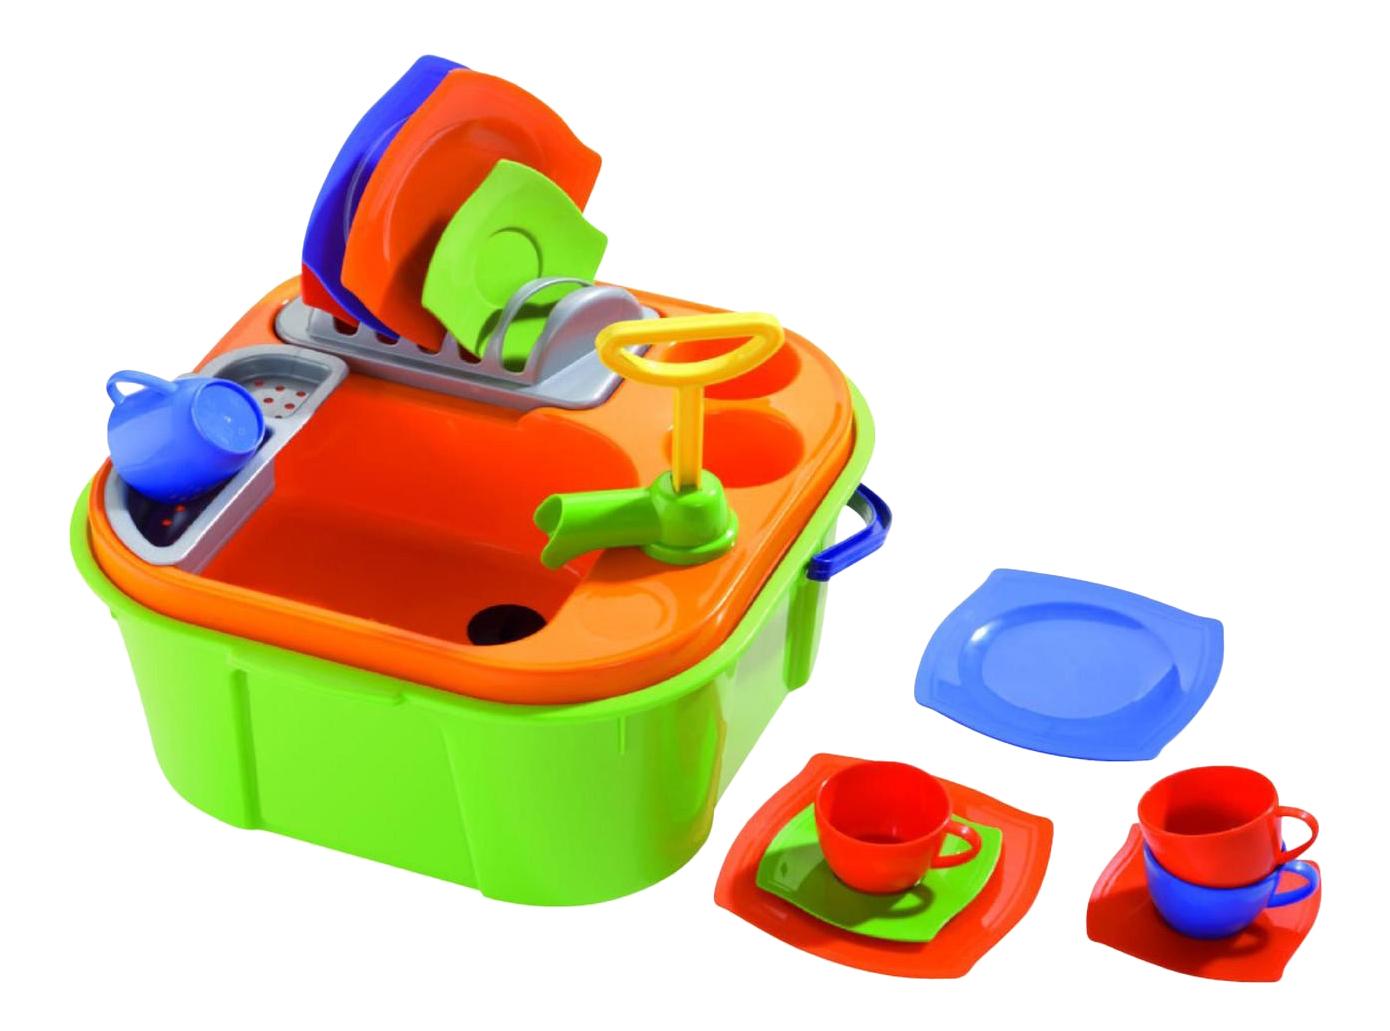 Купить Набор посуды игрушечный Полесье Мини-Посудомойка, Детская кухня и аксессуары